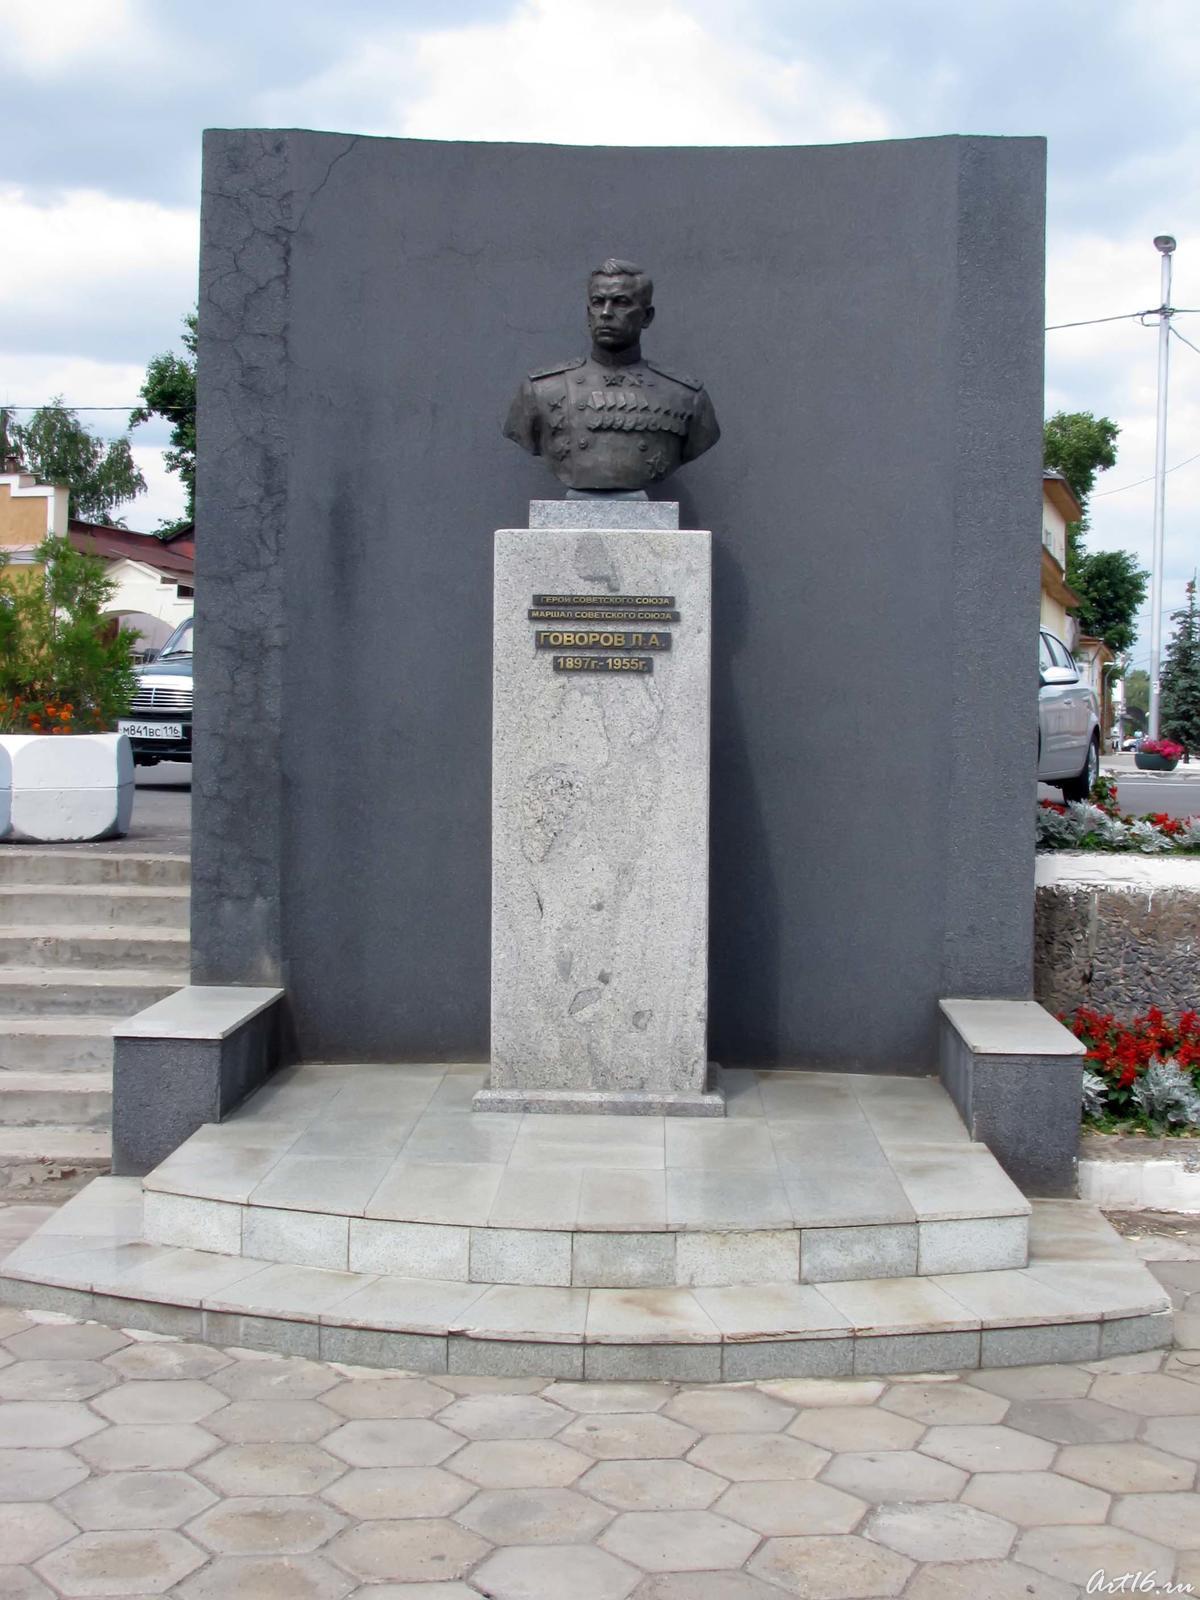 Фото №31273. Герой Советского Союза, Маршал Советского Союза Говоров Л.А.